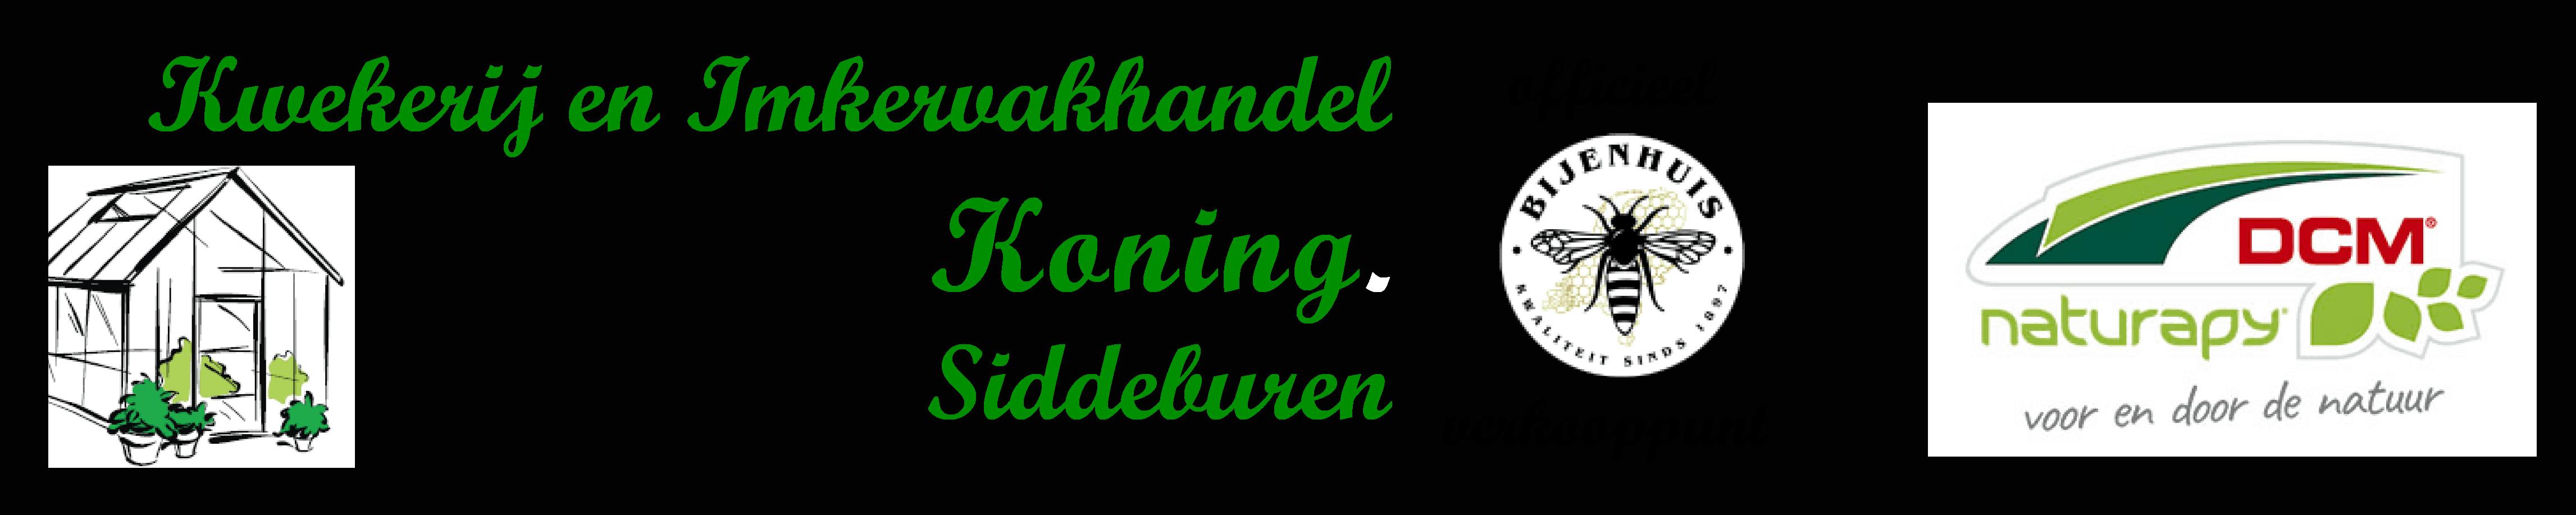 Uw plant- en imkervakhandel in Oost Groningen